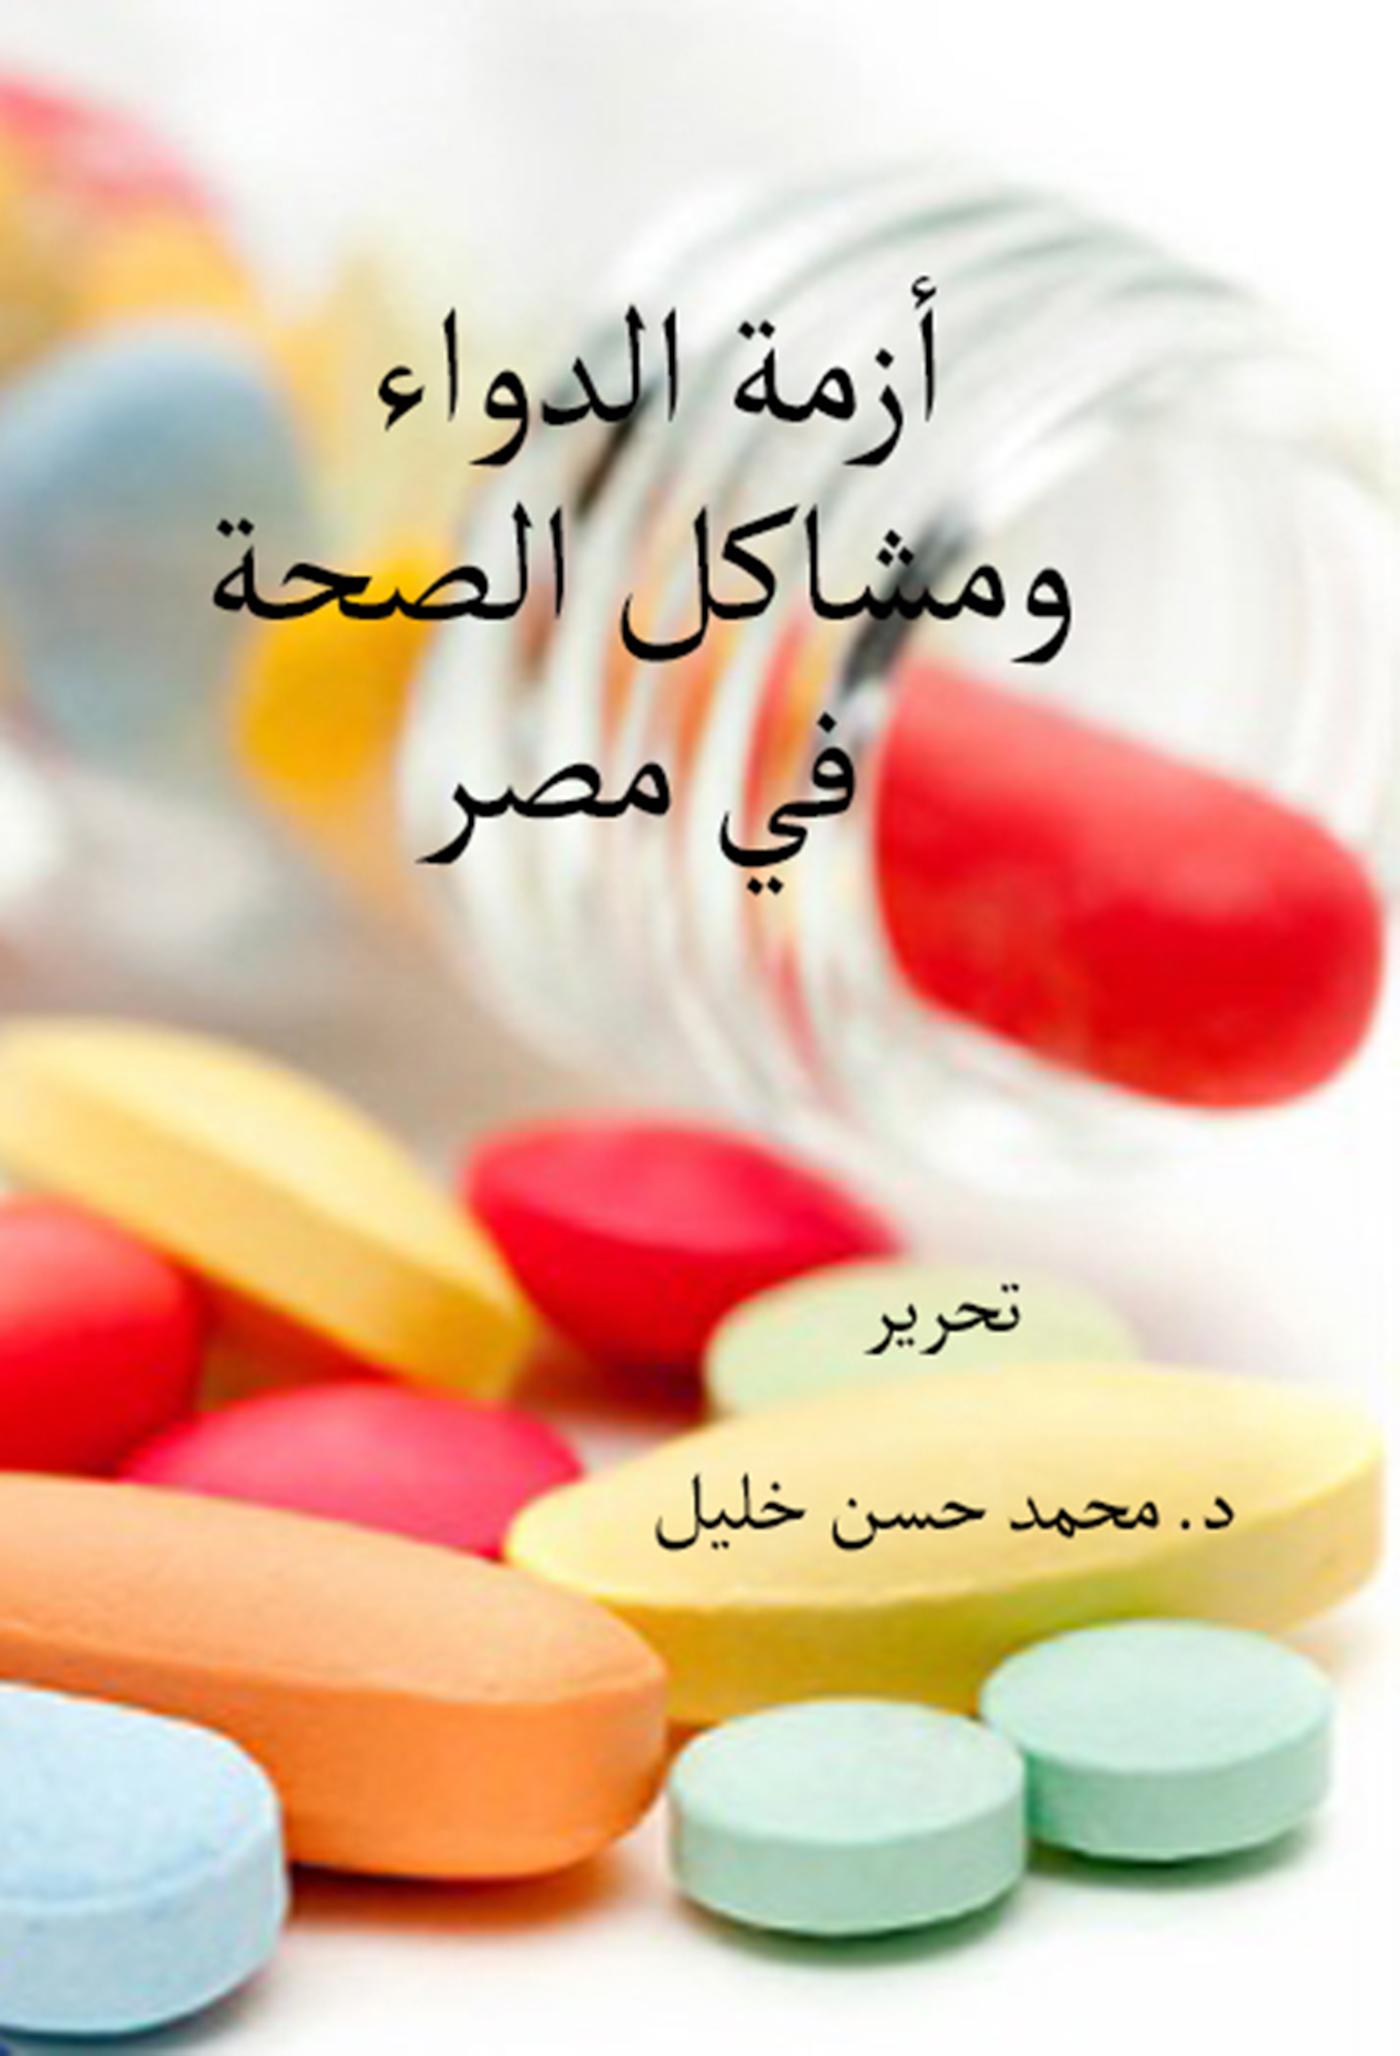 أزمة الدواء ومشاكل الصحة في مصر